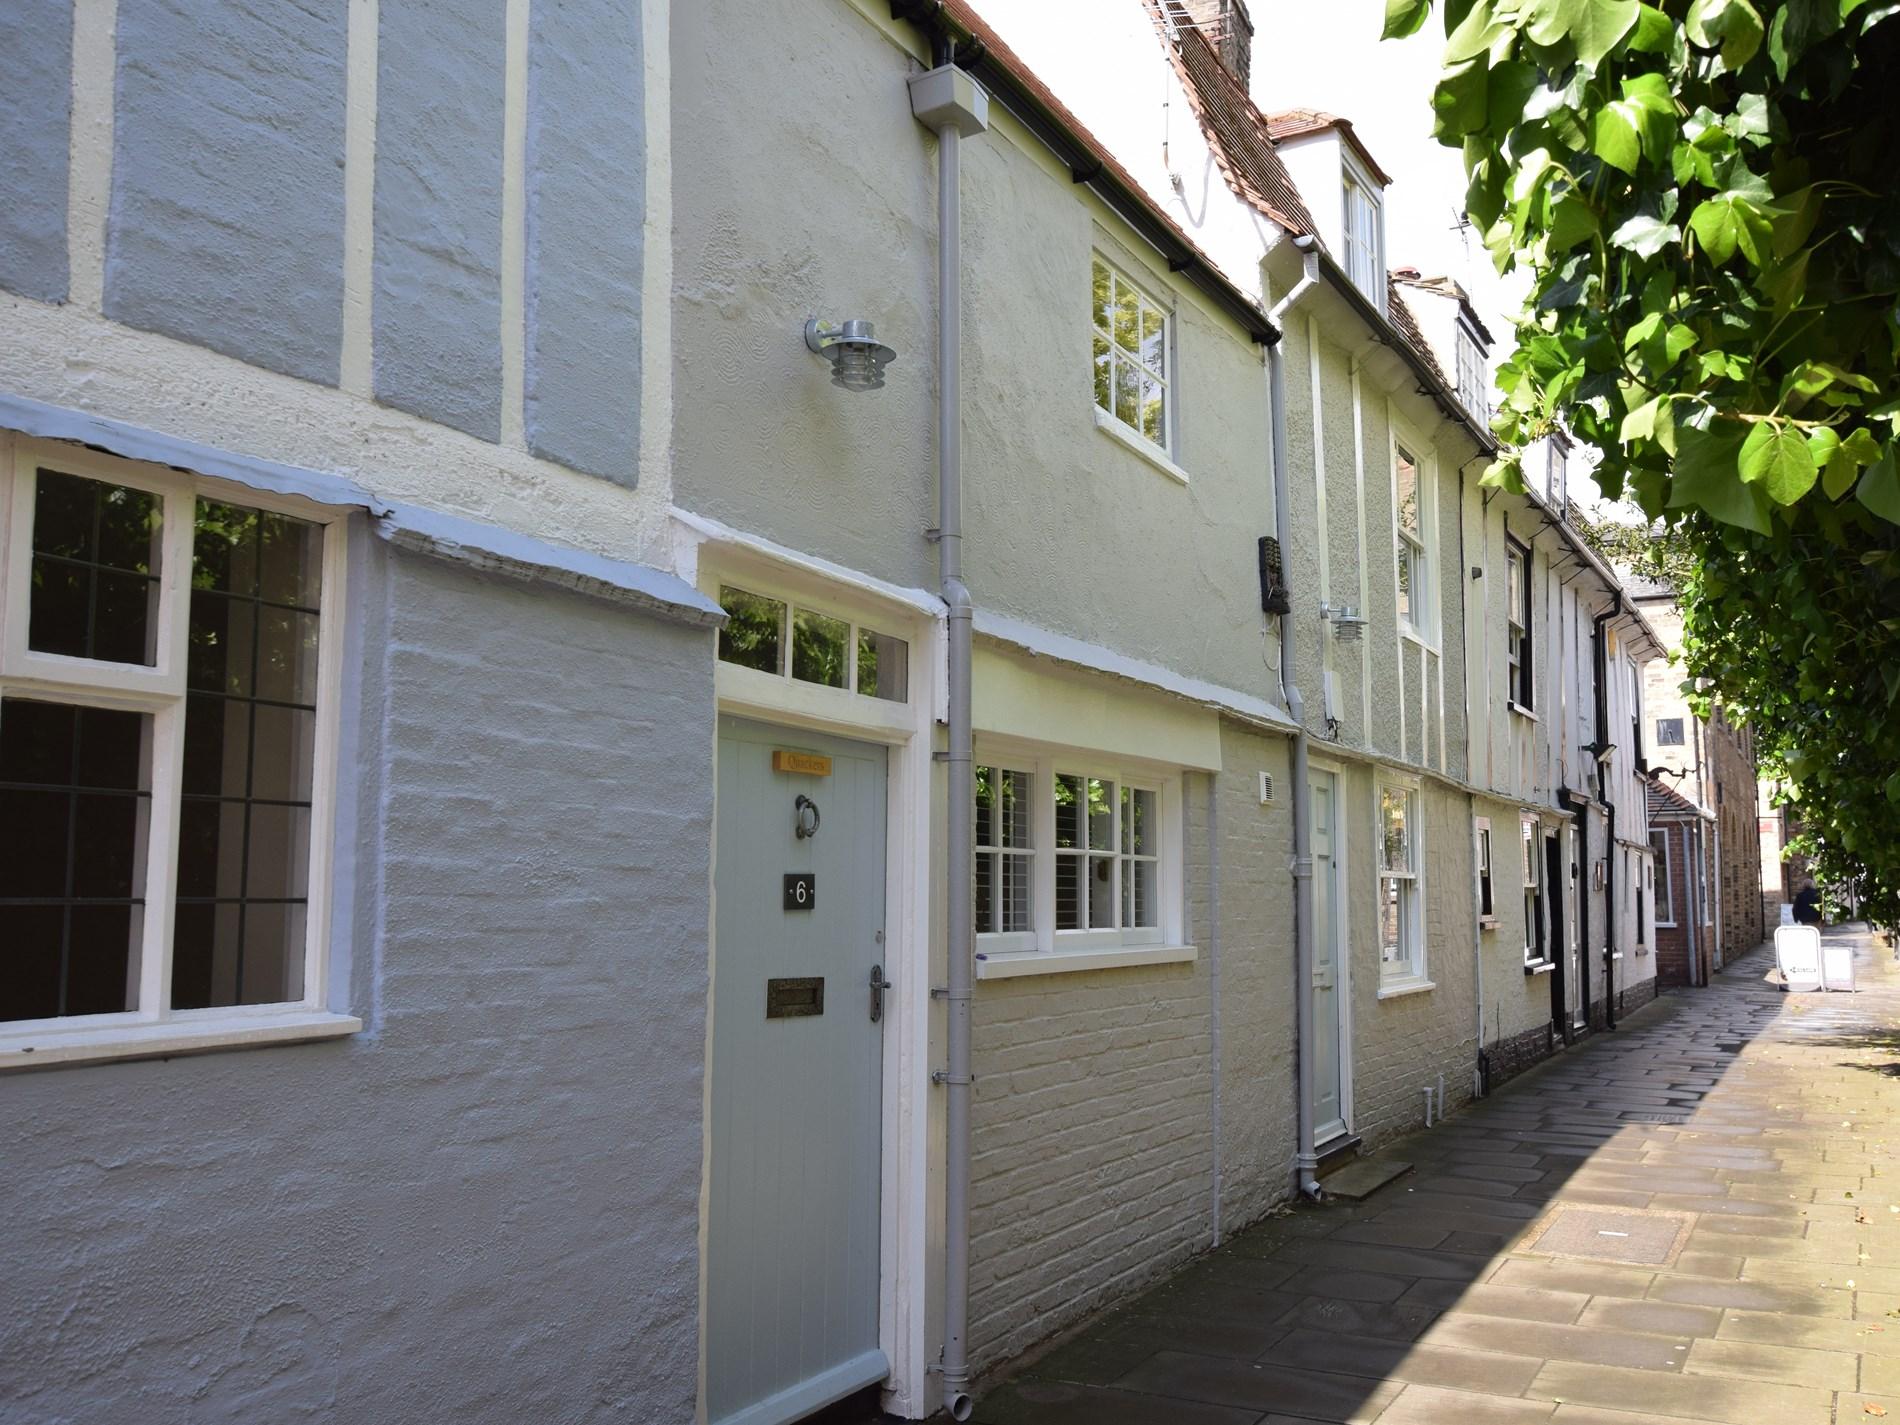 Ferienhaus in St-Ives-Cambridgeshire